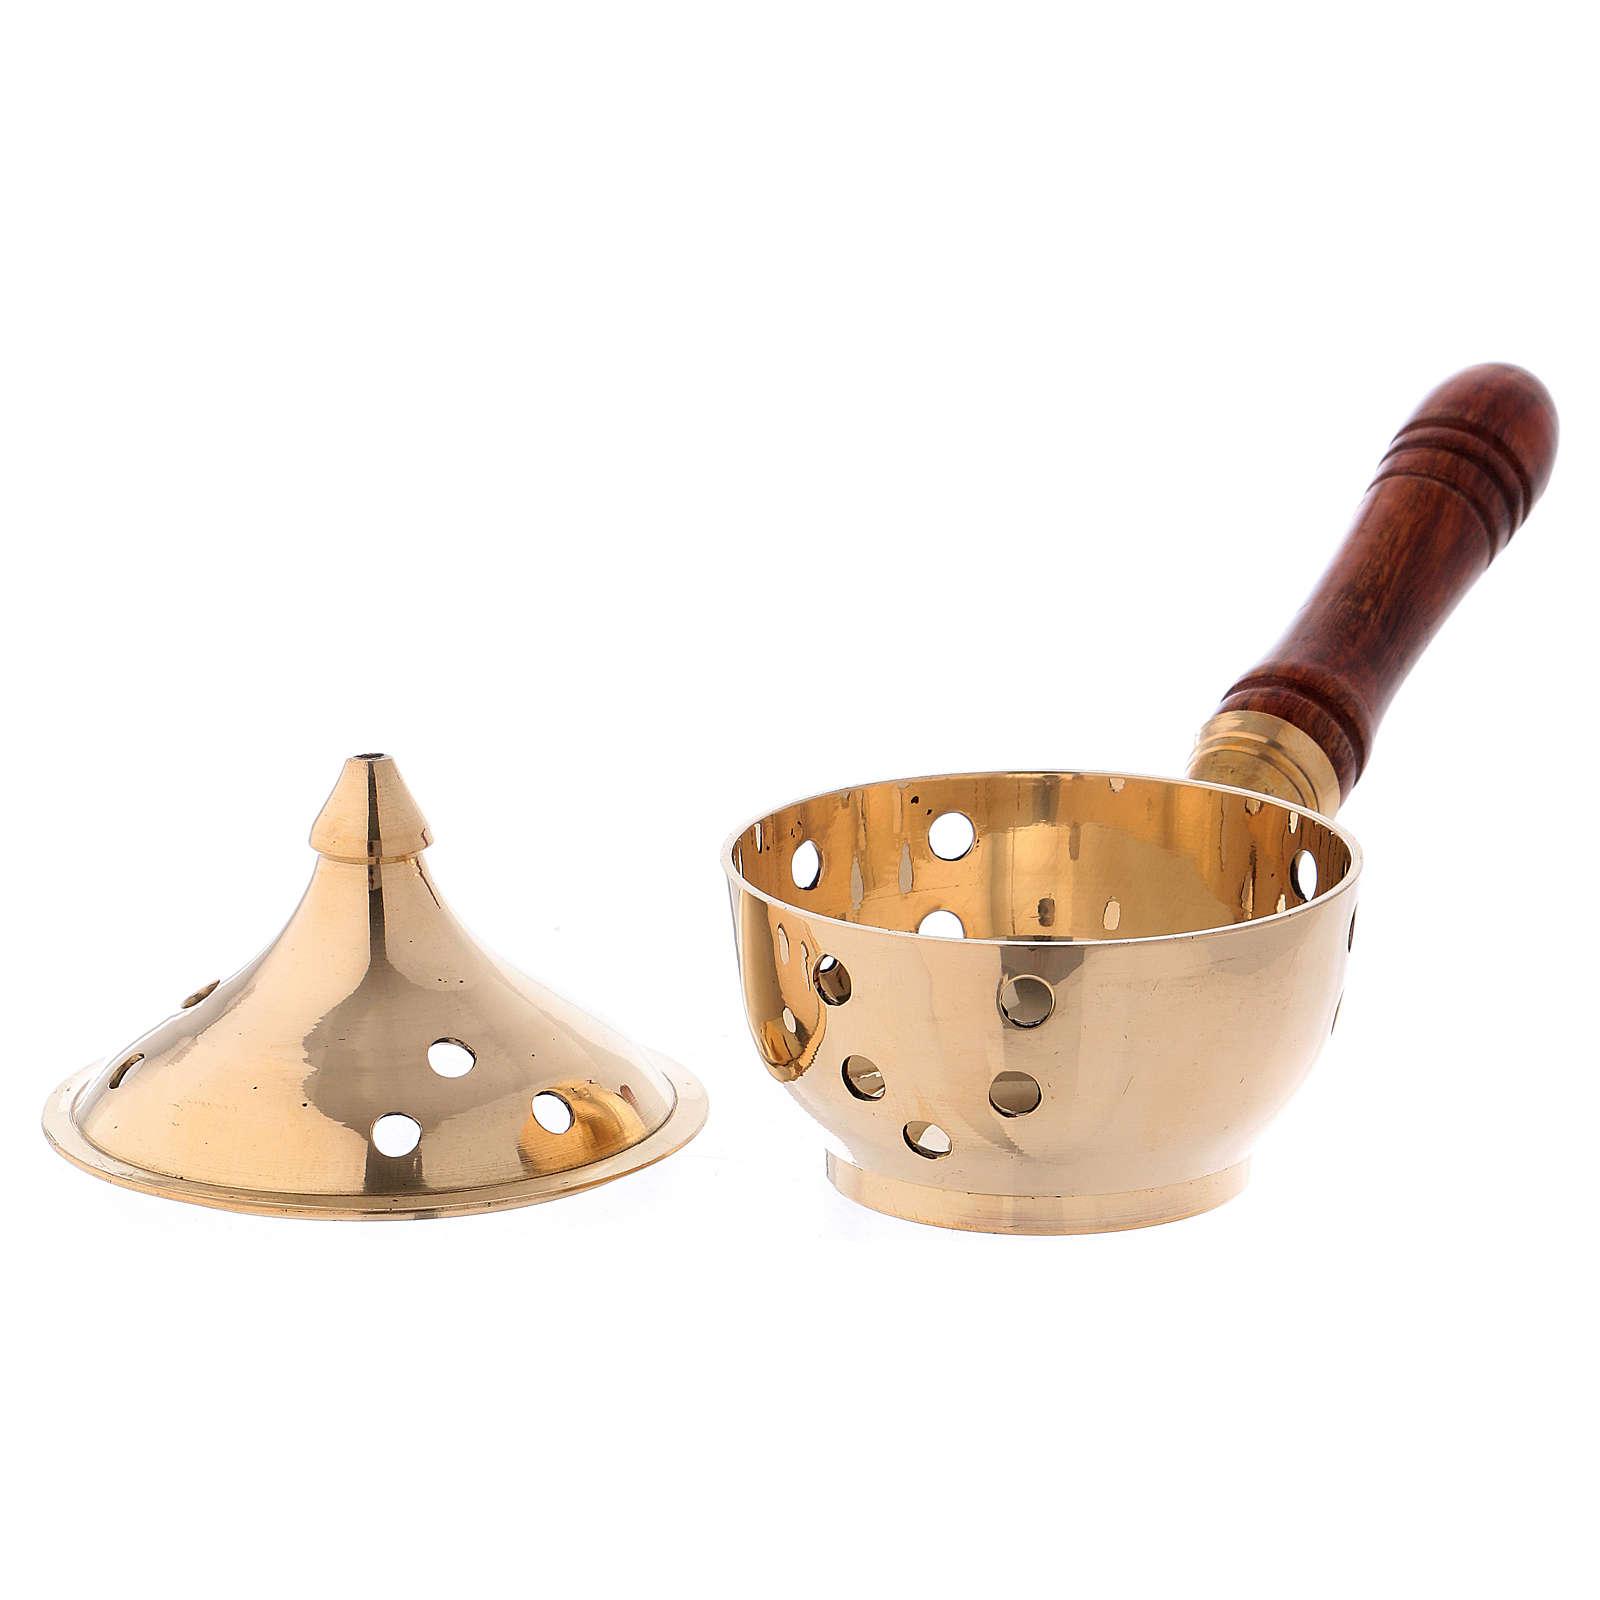 Queimador incenso latão dourado e cabo em madeira 3